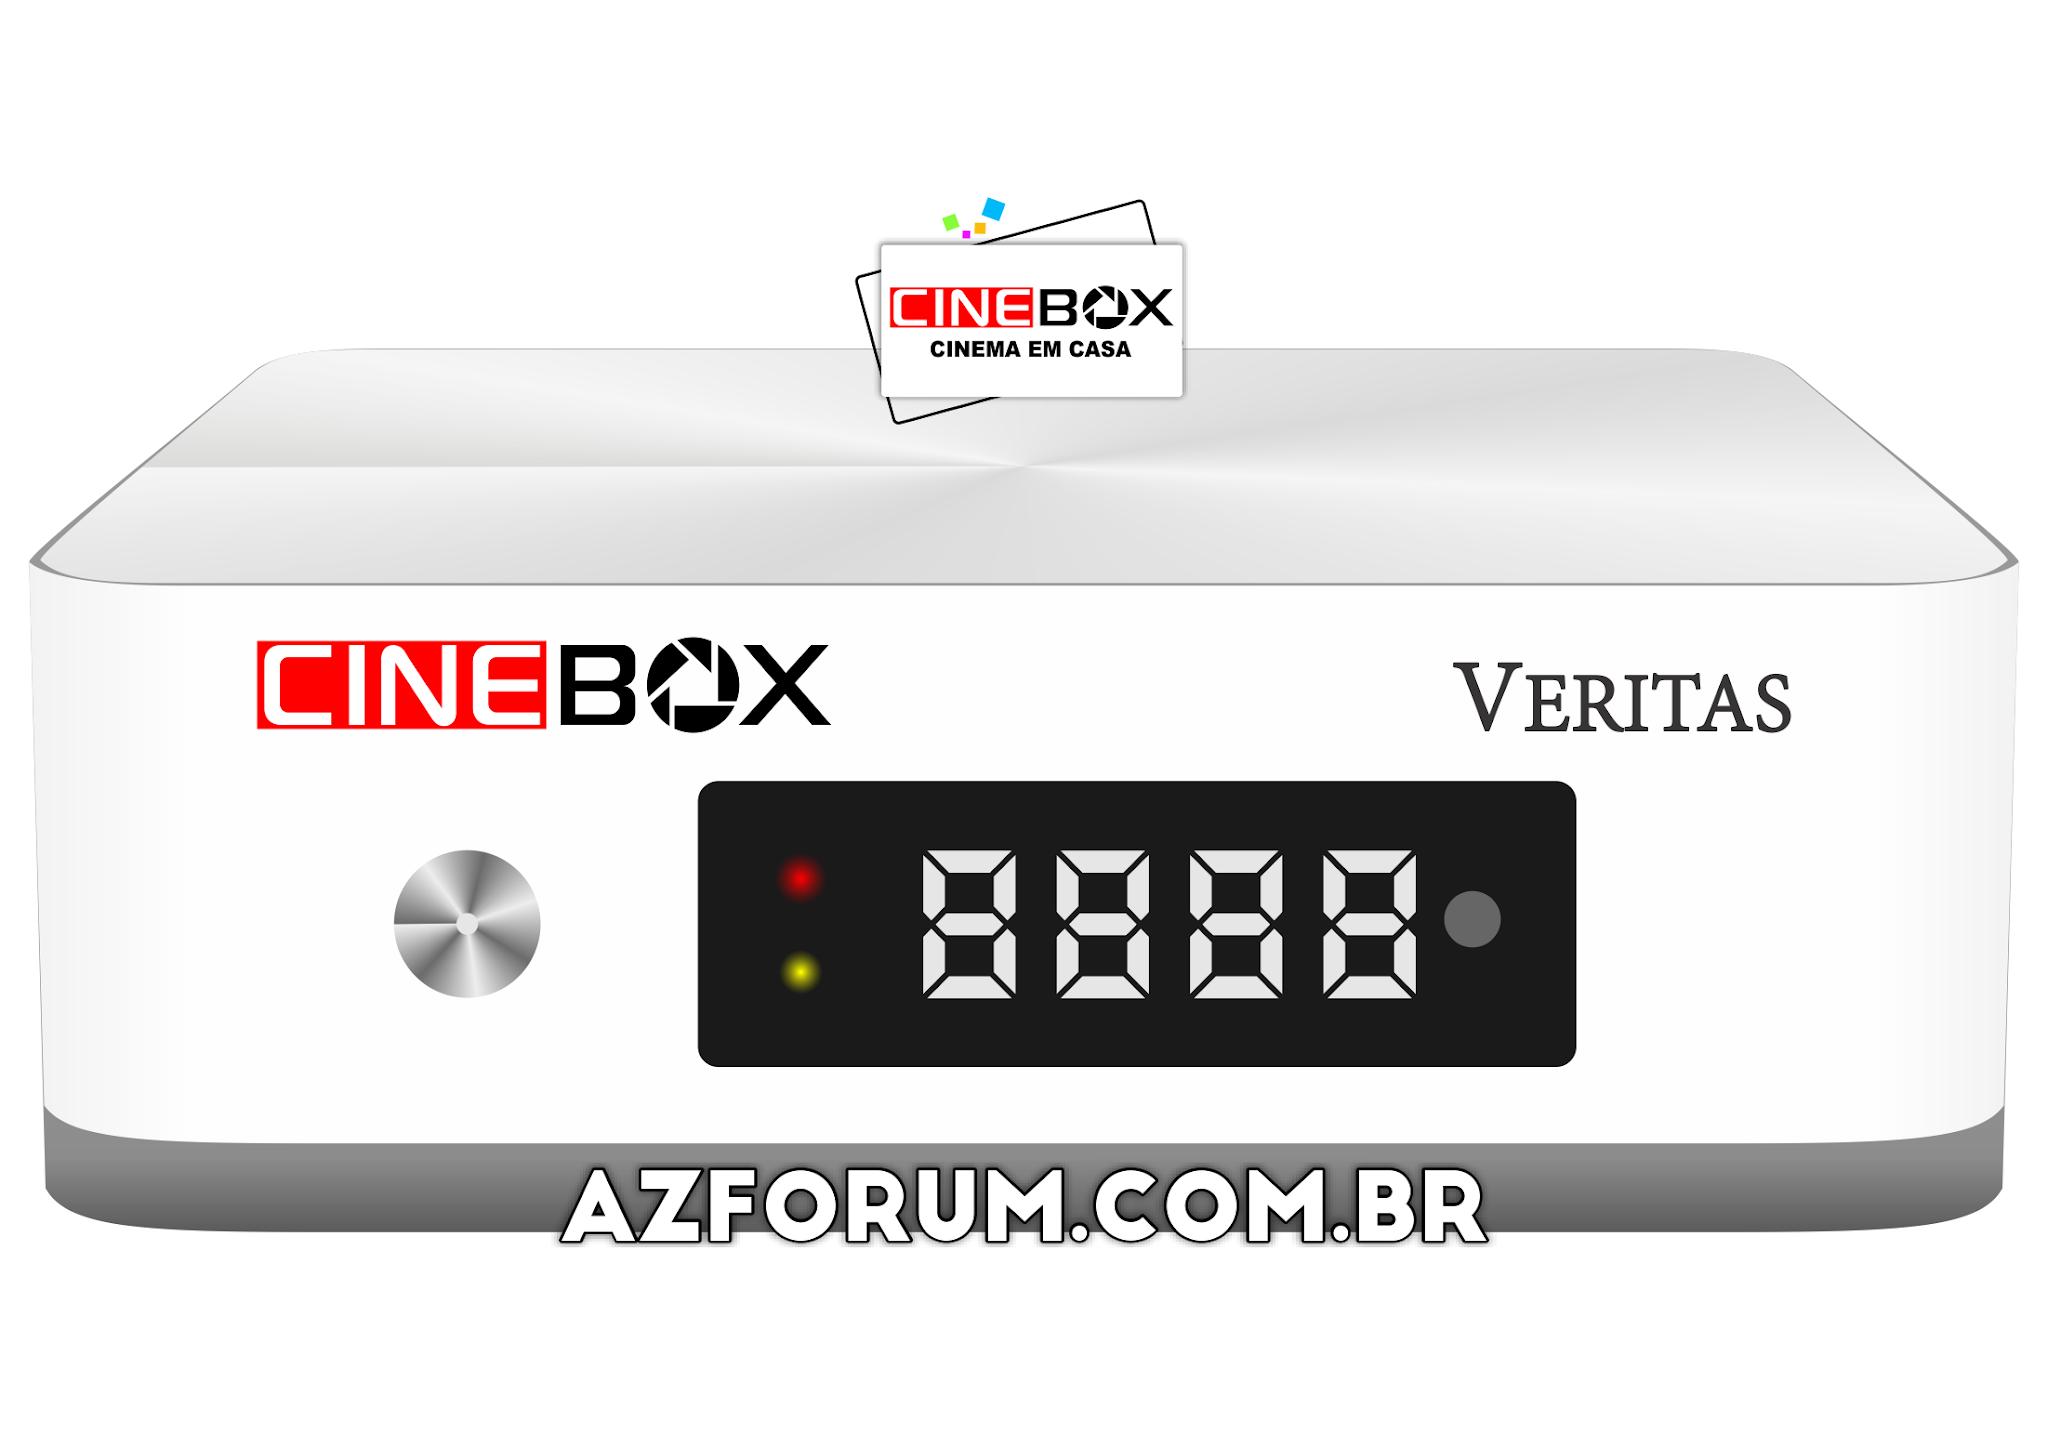 Primeira Atualização Cinebox Veritas V0.73.0 - 07/09/2020